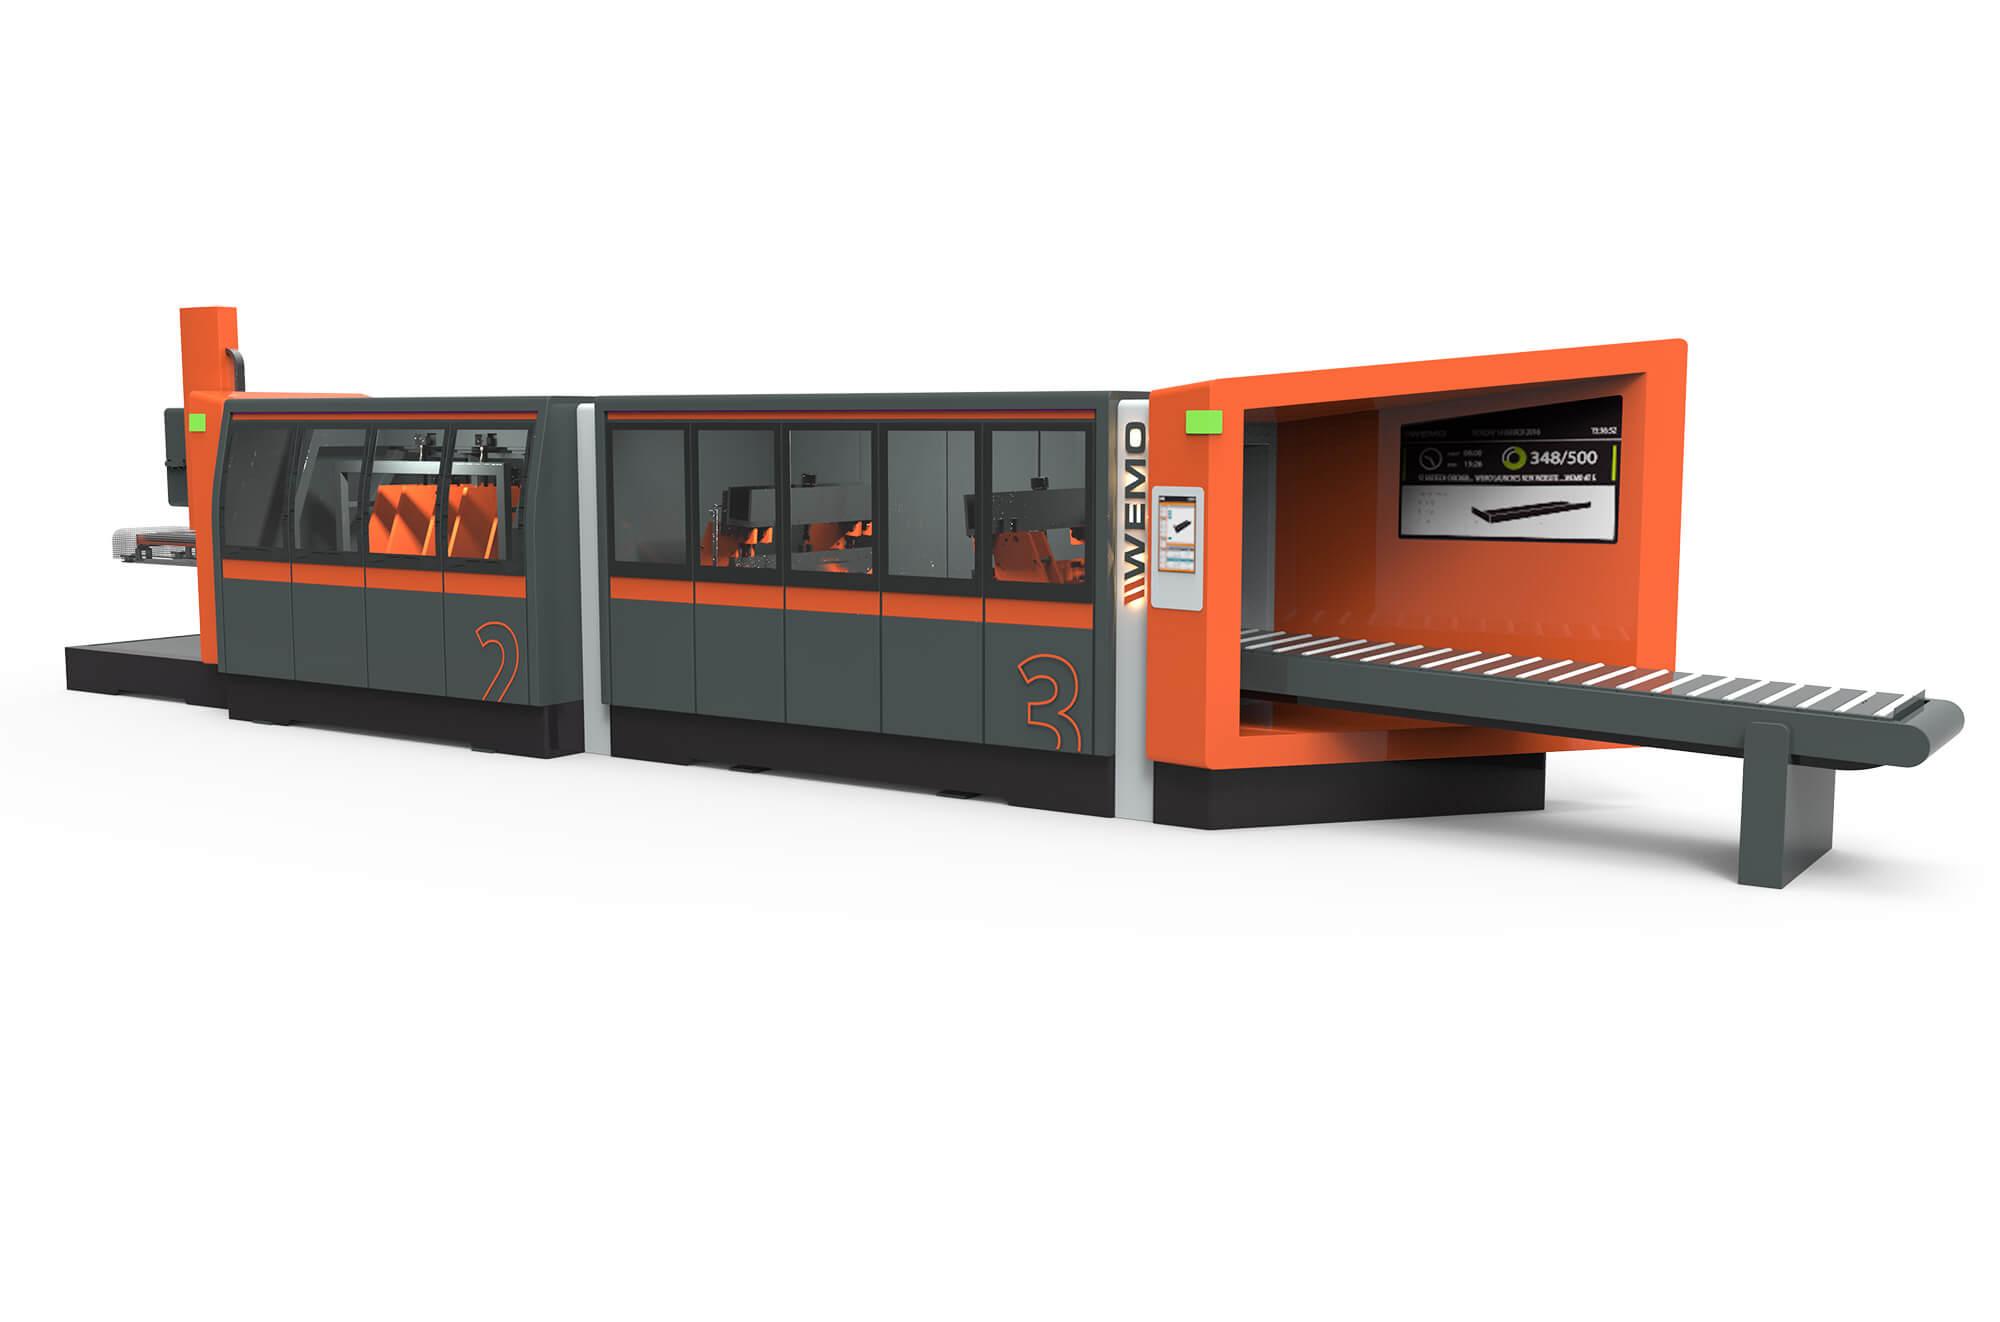 WEMO neues Maschine Design Konzept